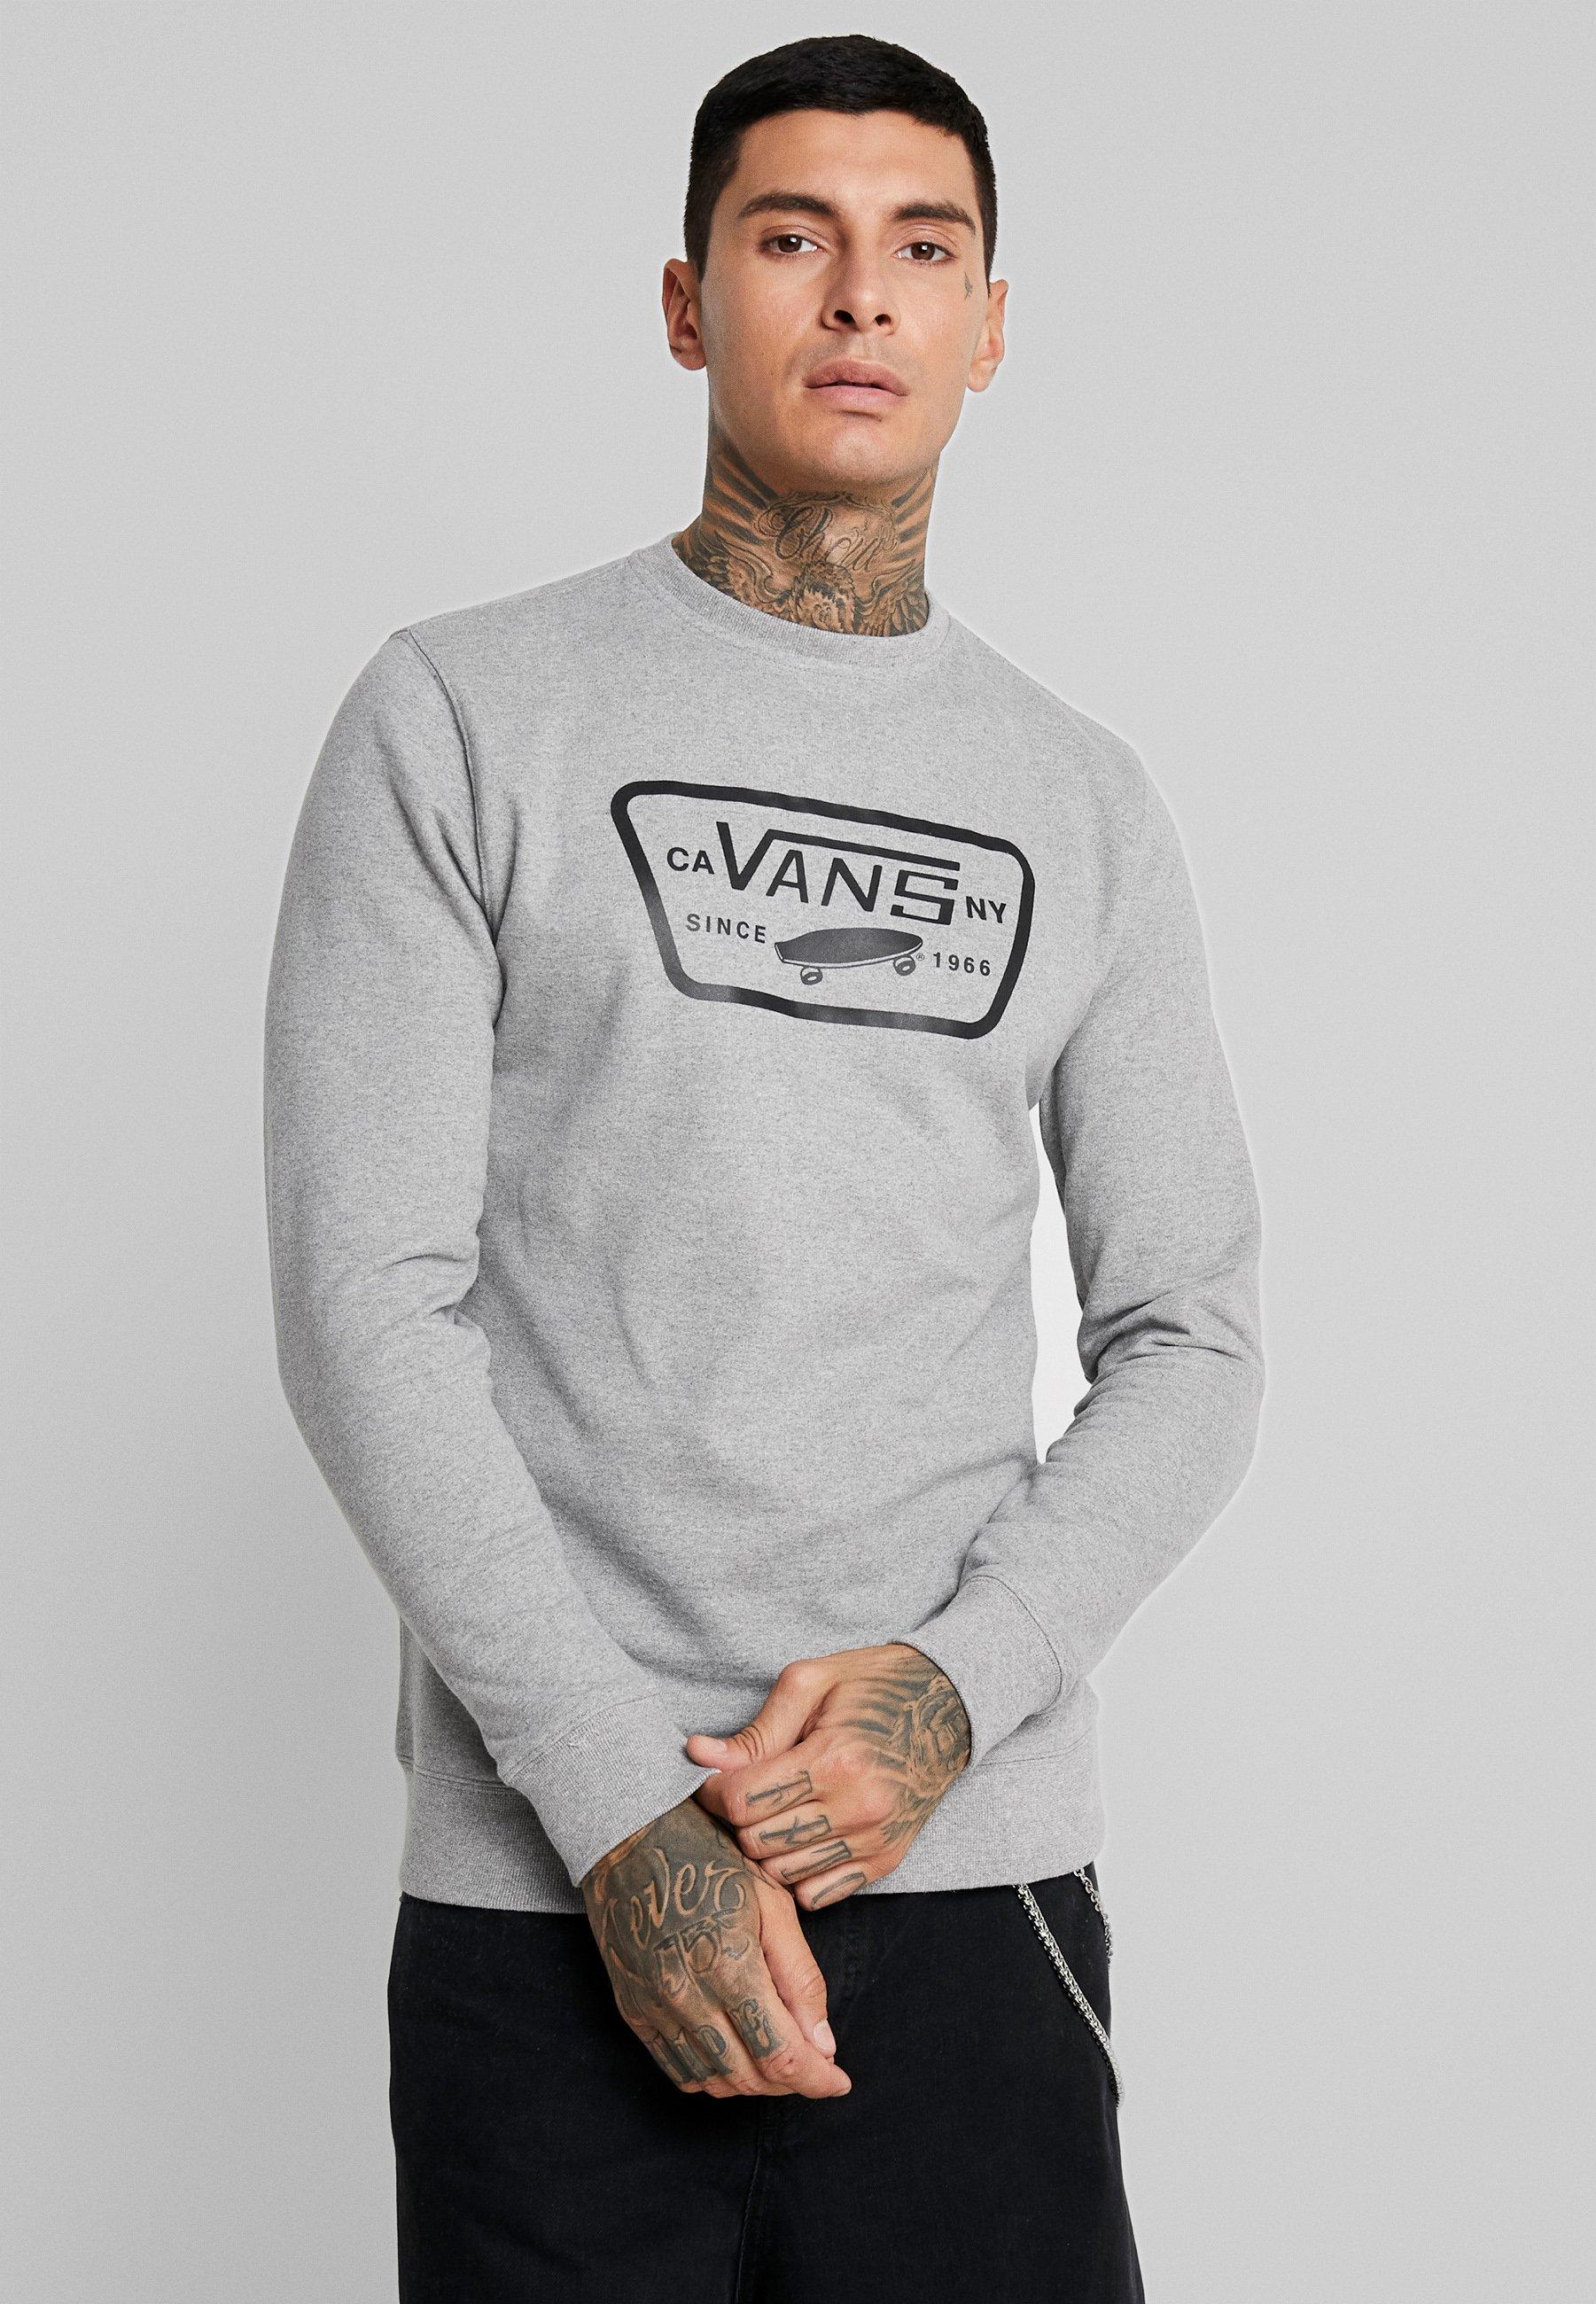 Vans CrewSweatshirt Full Heather Cement Patch J3uK15lFTc